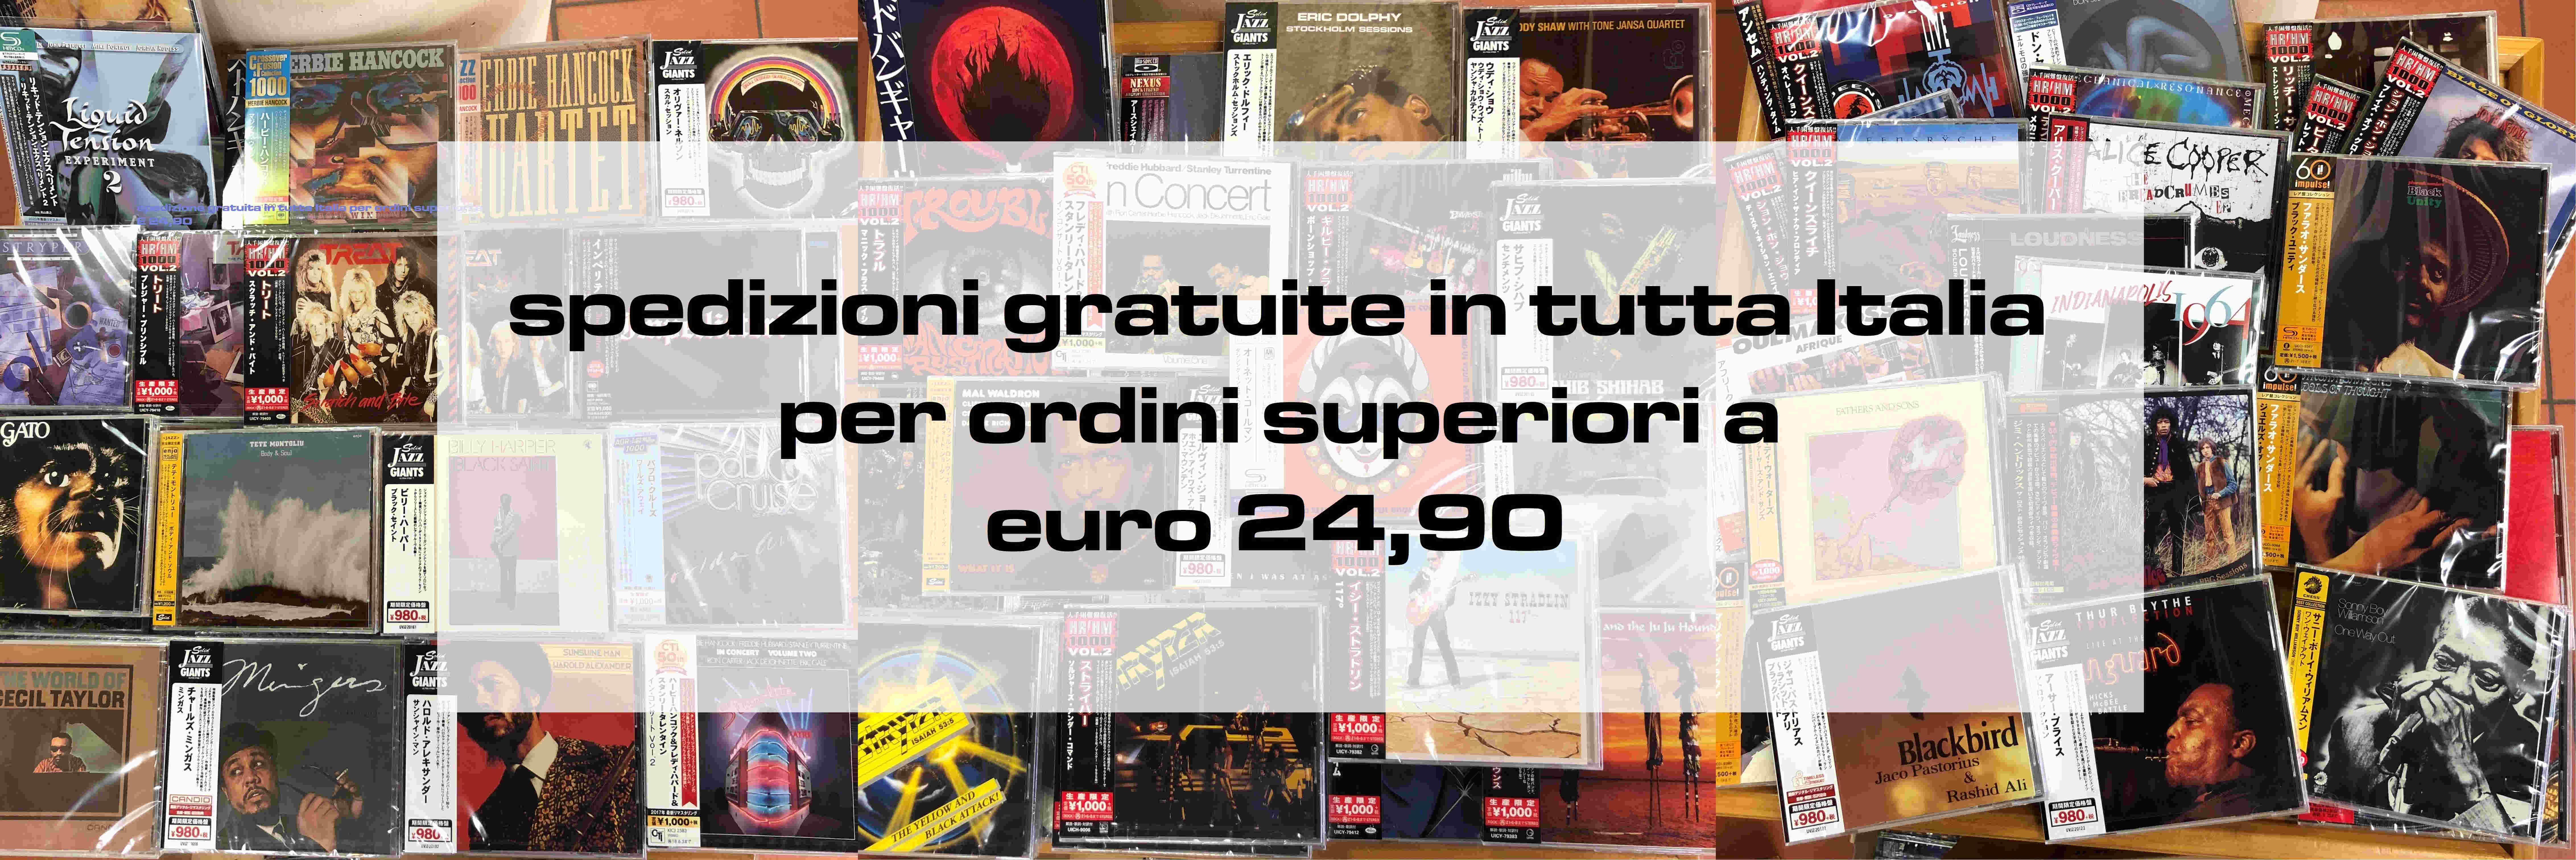 Spedizione gratuita in tutta italia su ordini superiori a € 24.90